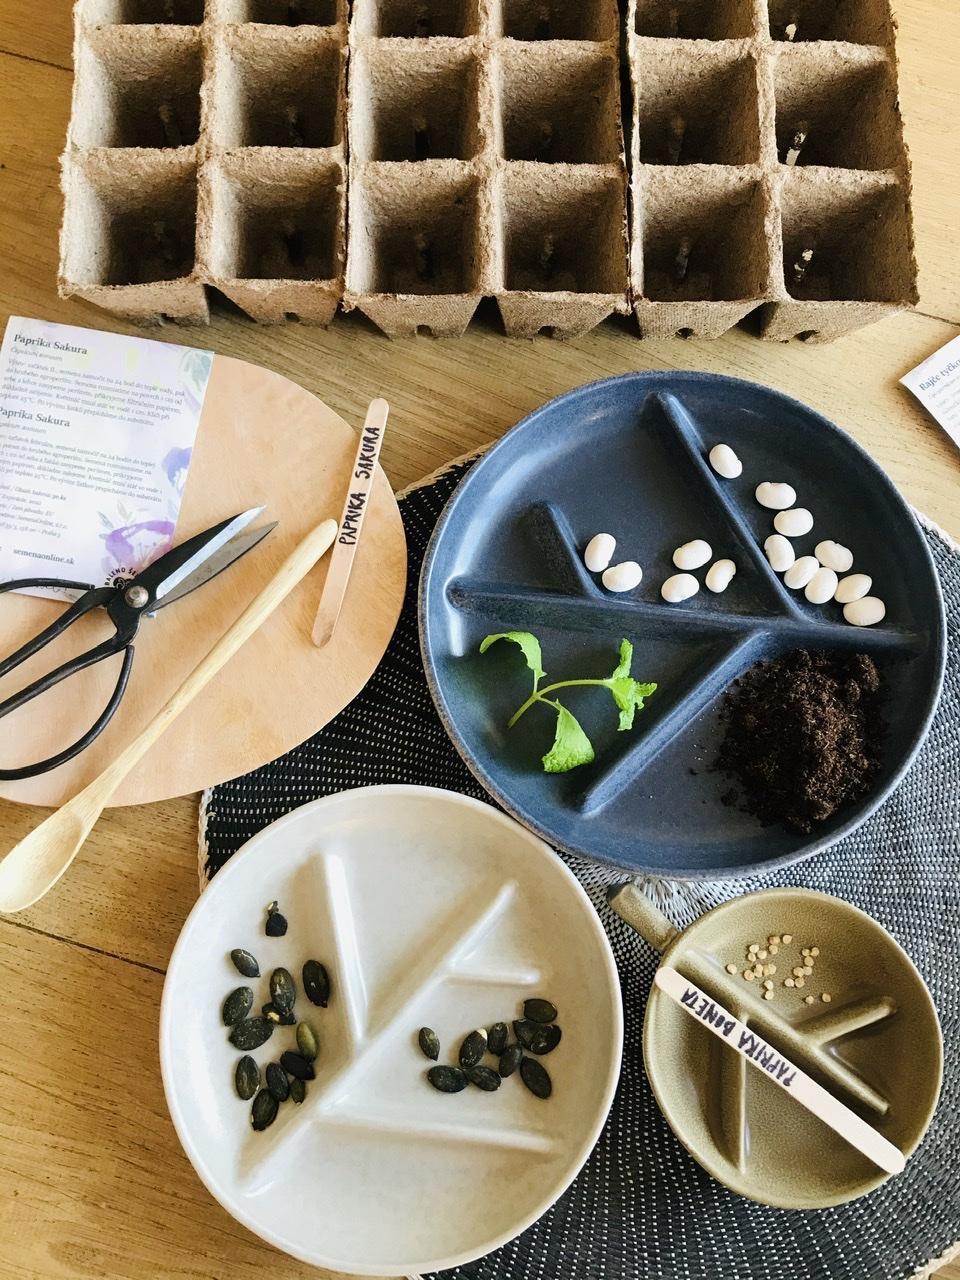 Naše L-ko - 2021 - stále dokončujeme - Príprava domácich plantičiek a moje obľúbené kameninové misky. Pred týždnom boli zasadené sladké papriky, šaláty, na radu prídu rajčiny, uhorky. Tento rok ma láka urobiť hriadku rezaných kvetov do vázy.